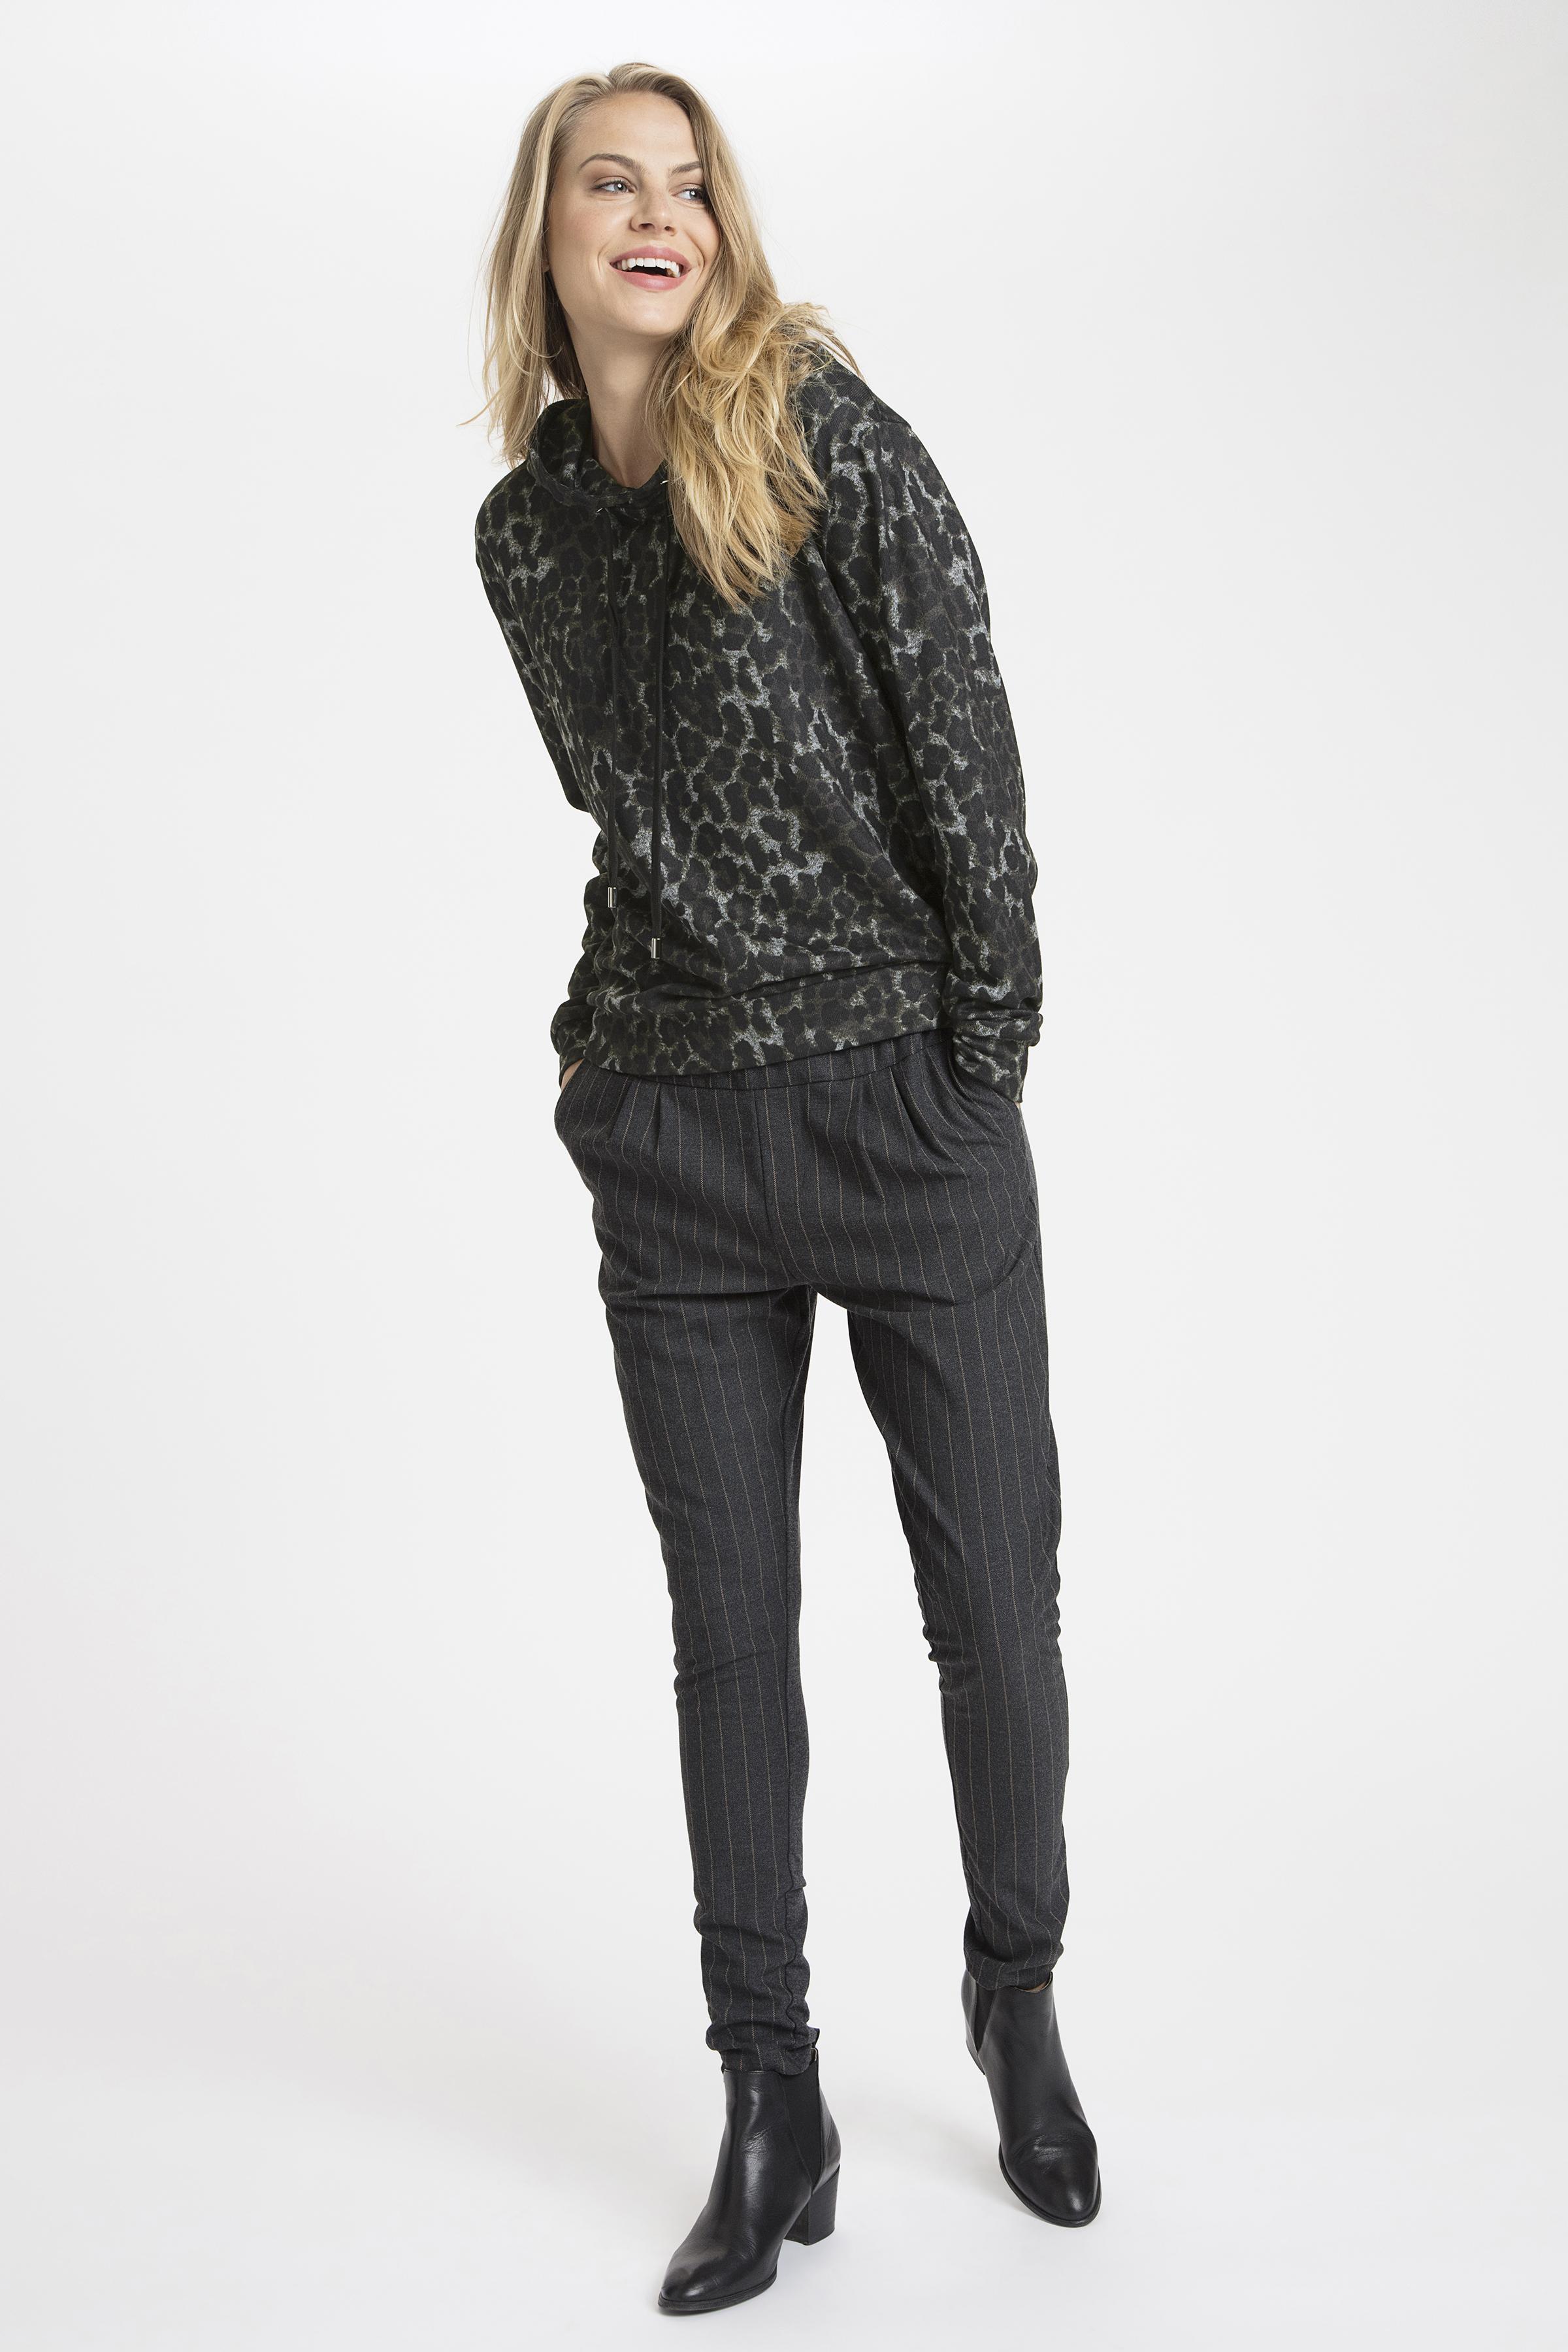 Donker grijsgemêleerd/zwart Sweatshirt van Kaffe – Door Donker grijsgemêleerd/zwart Sweatshirt van maat. XS-XXL hier